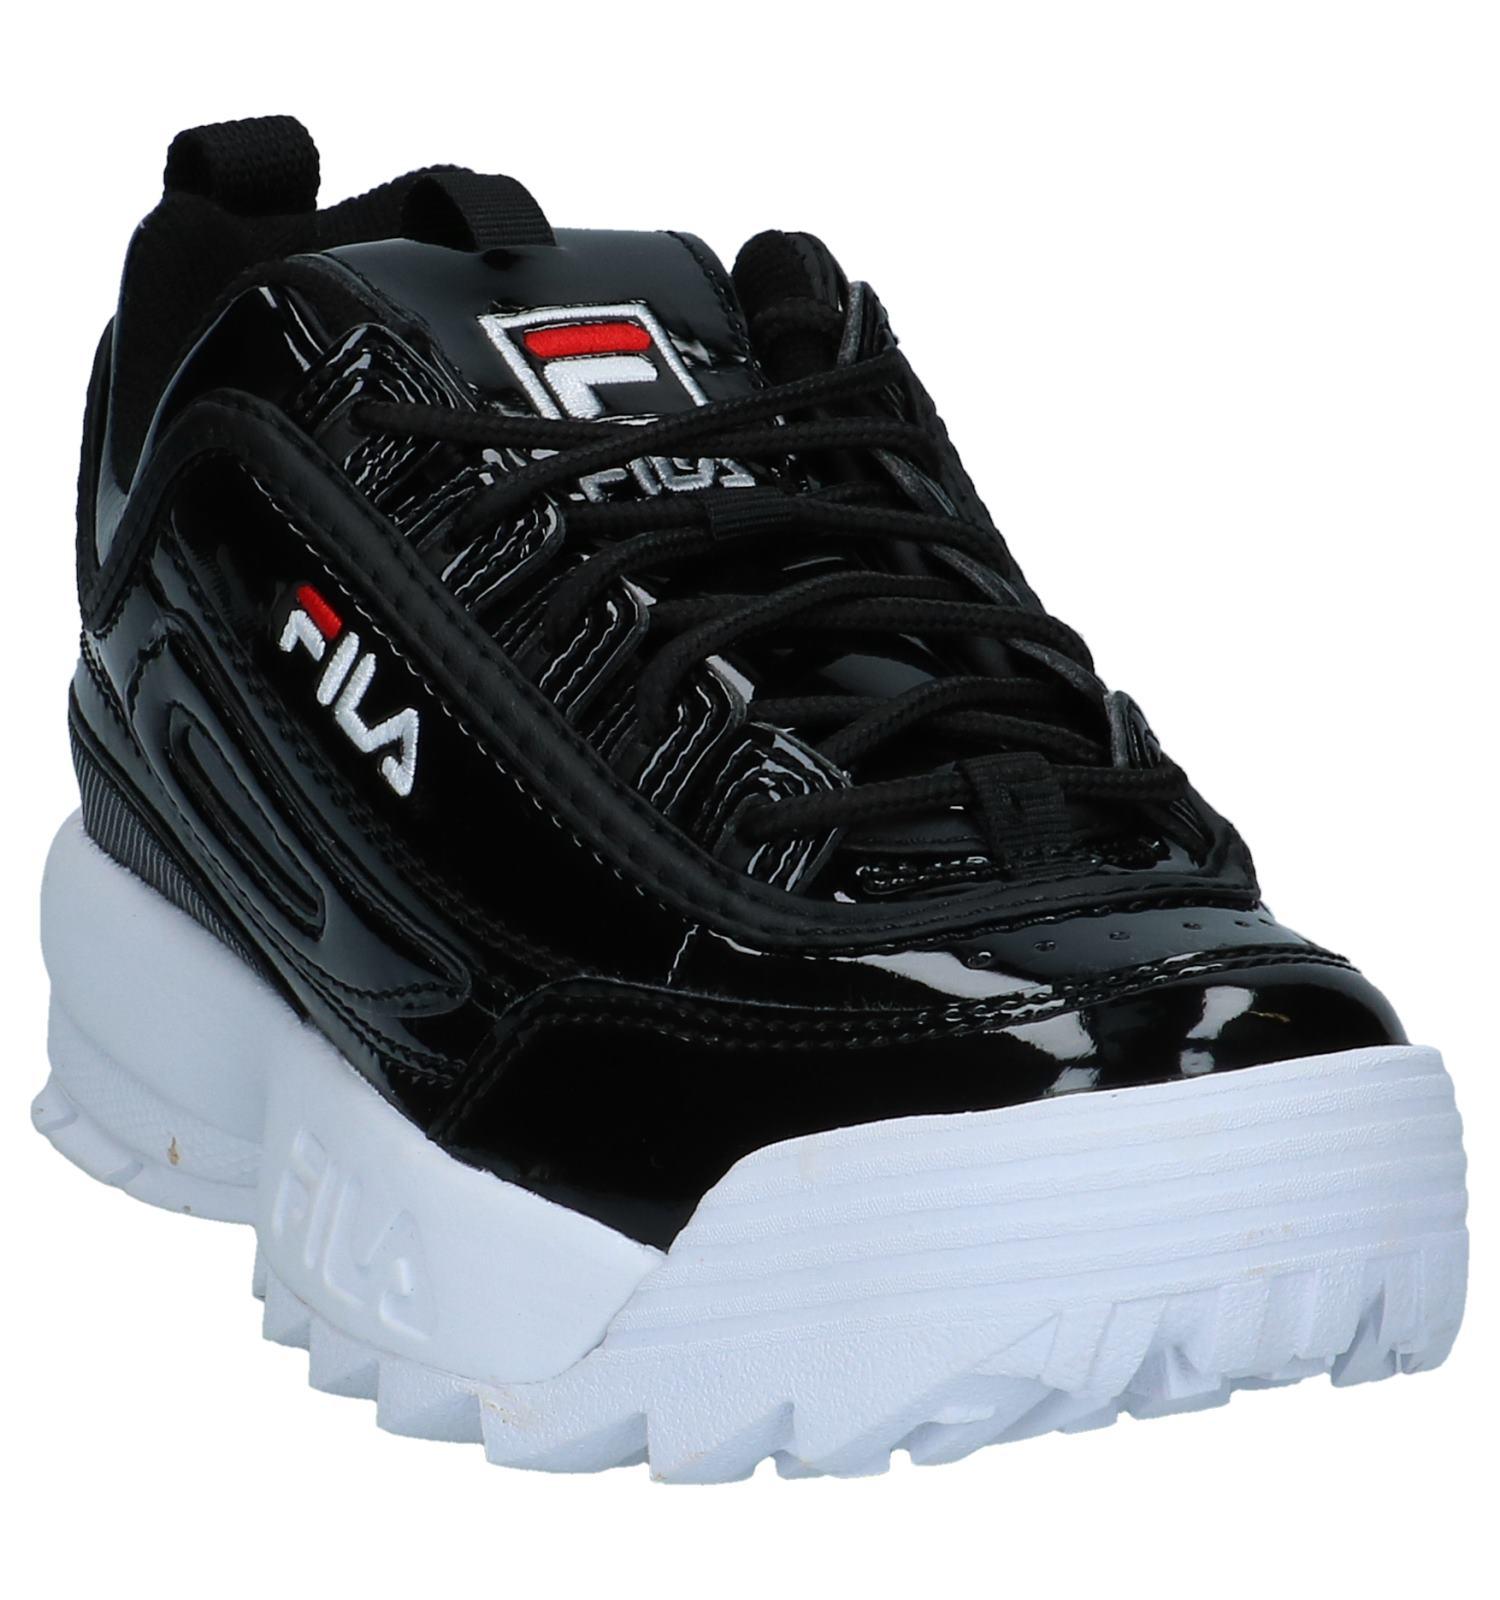 54bb066b822 Zwarte Laké Sneakers Fila Disrupter   SCHOENENTORFS.NL   Gratis verzend en  retour